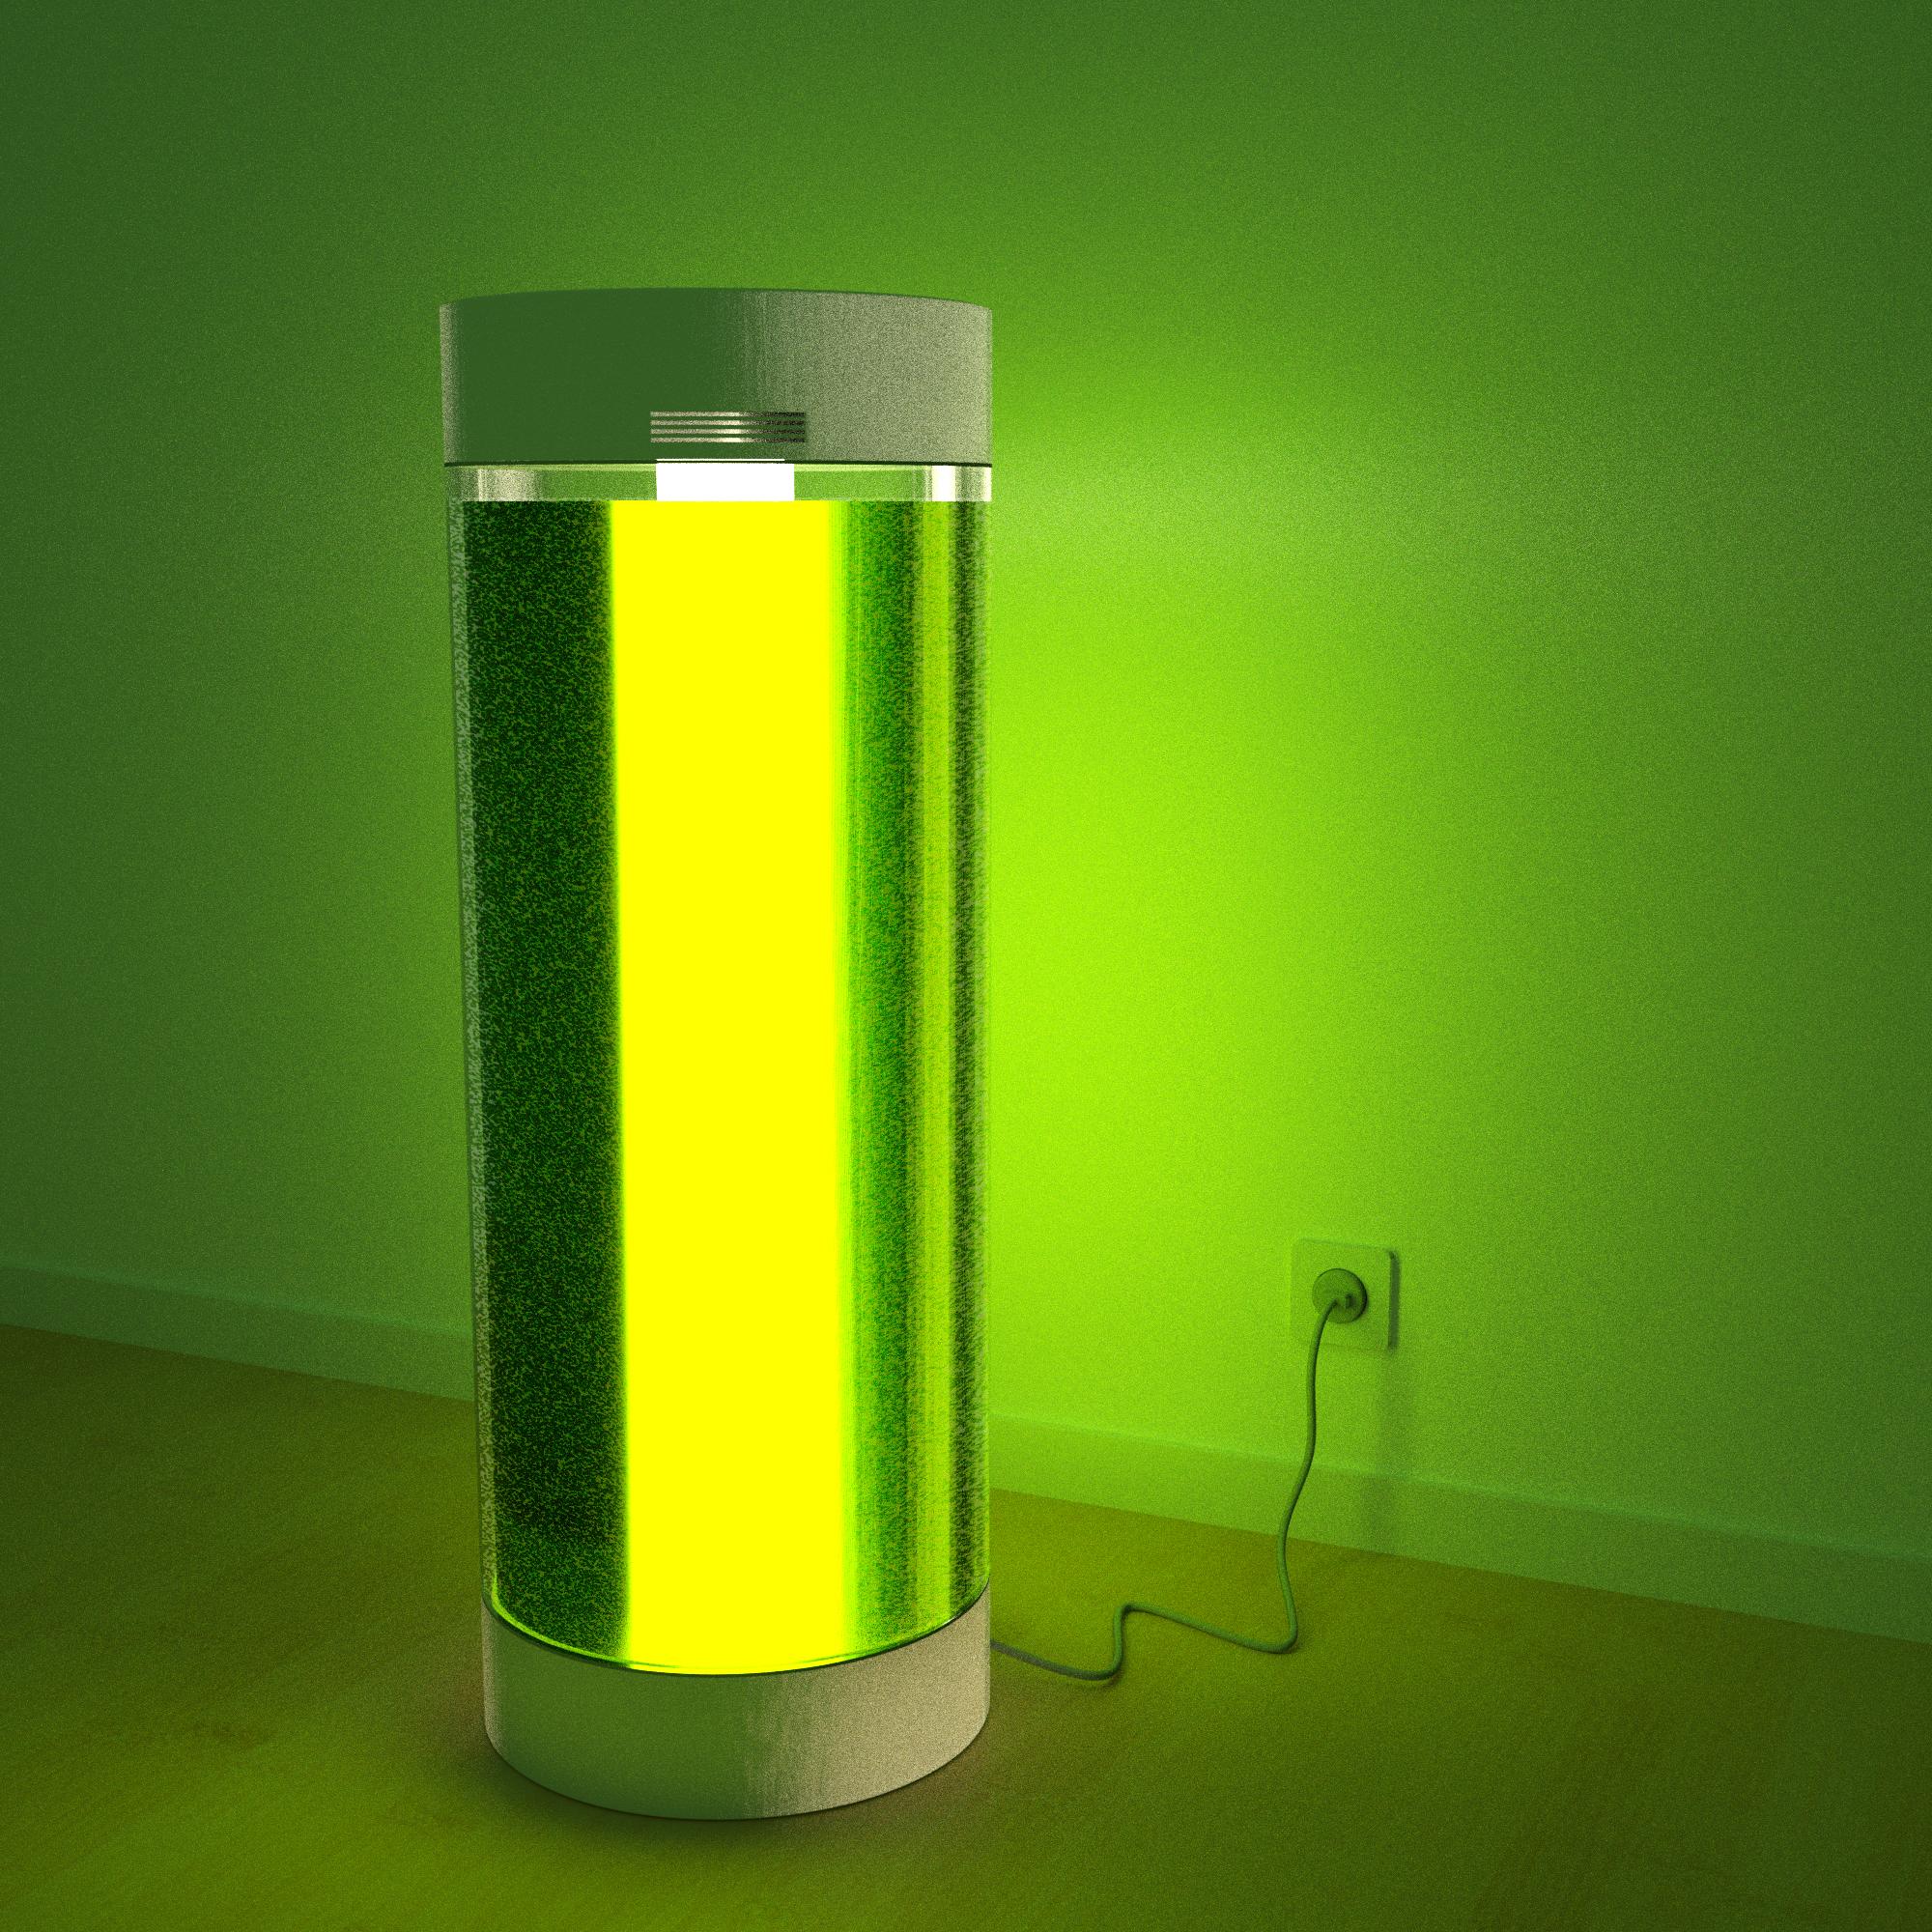 biom_algae3.jpg